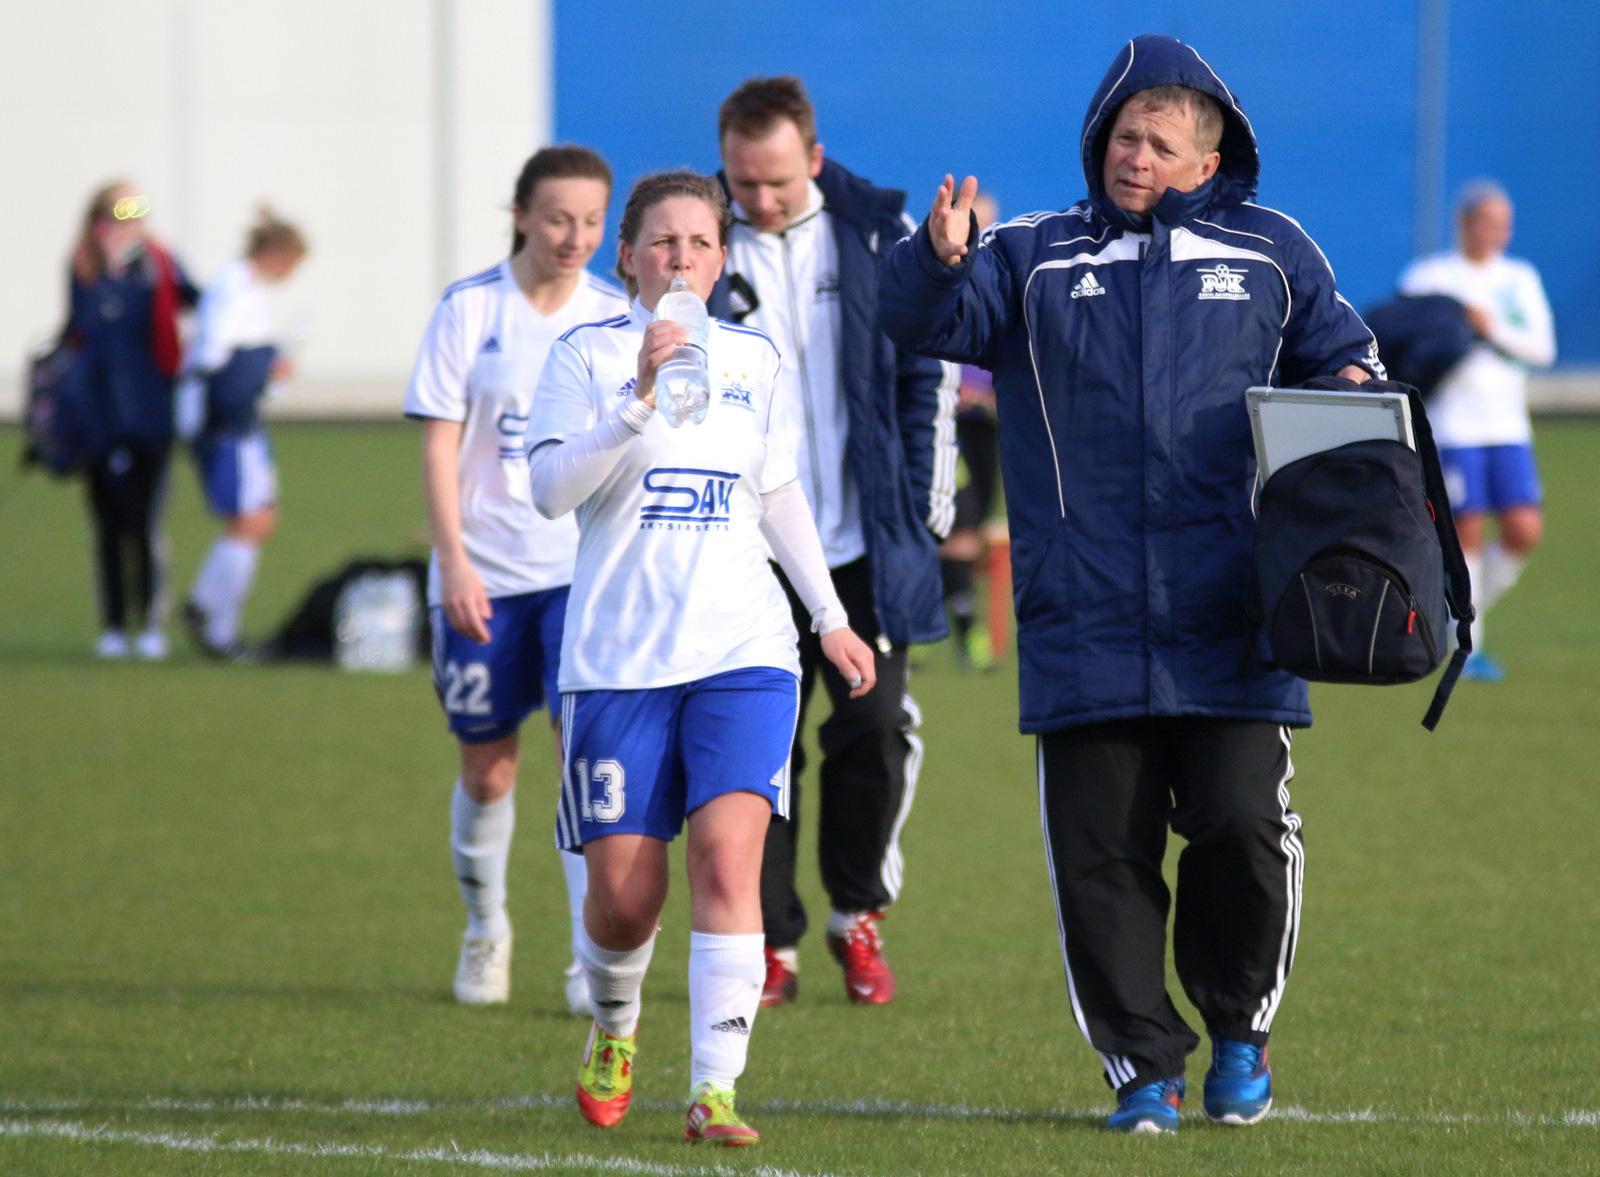 76d57ff0e9c Viimasel neljal aastal järjest Eesti meistriks tulnud ja mullu Meistrite  liiga põhiturniirile trüginud Pärnu JK naiskond on vigastustest räsitud.